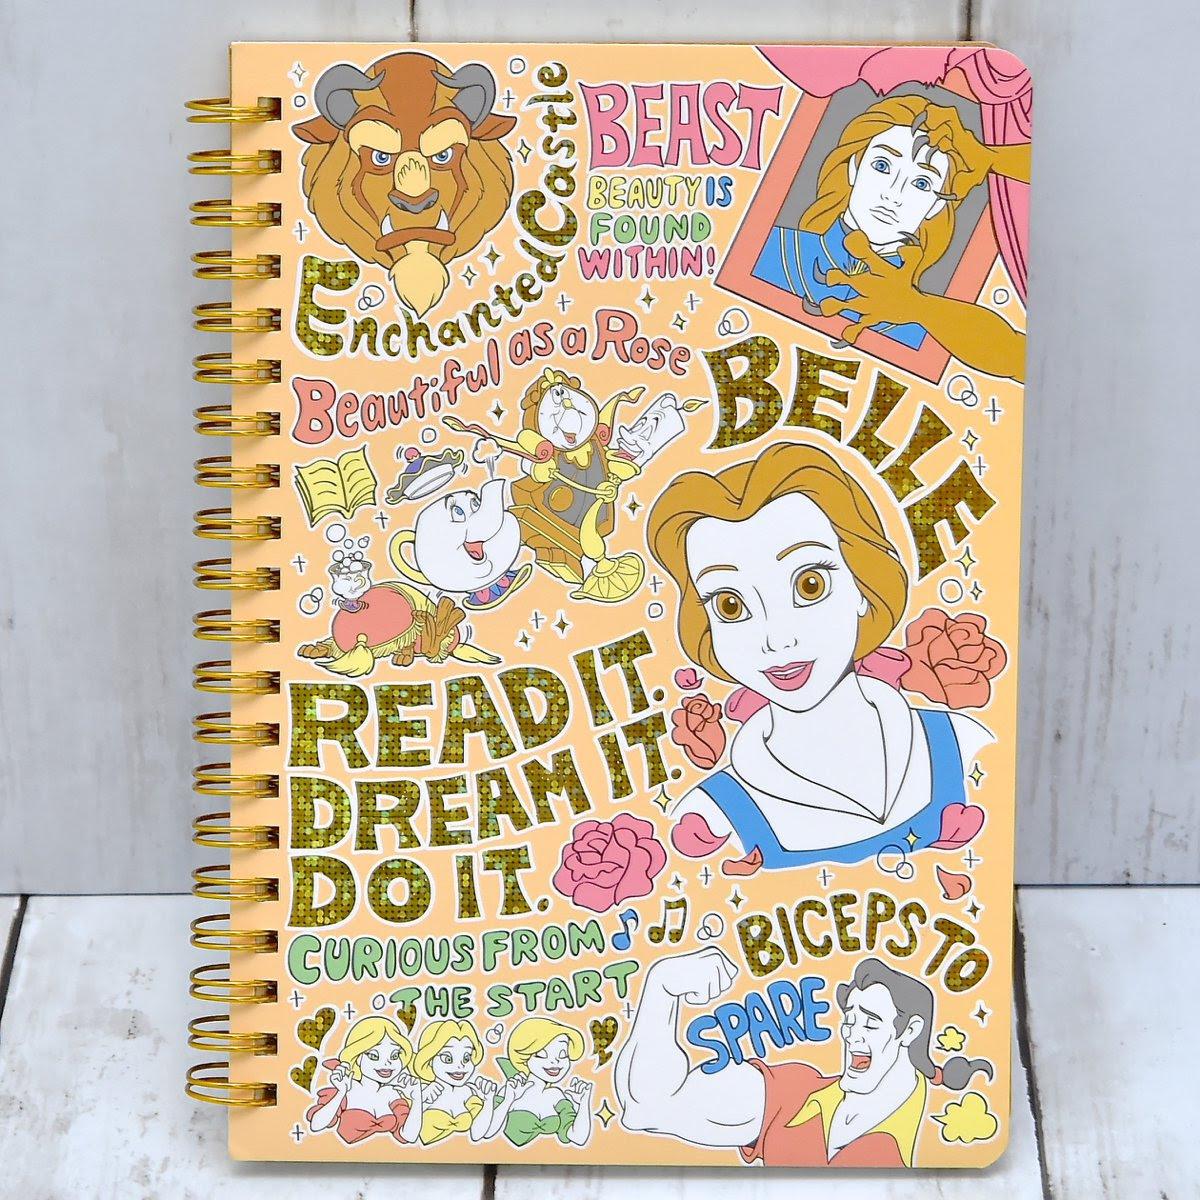 75 美女と野獣 ベル イラスト 簡単 あなたのためのイラスト